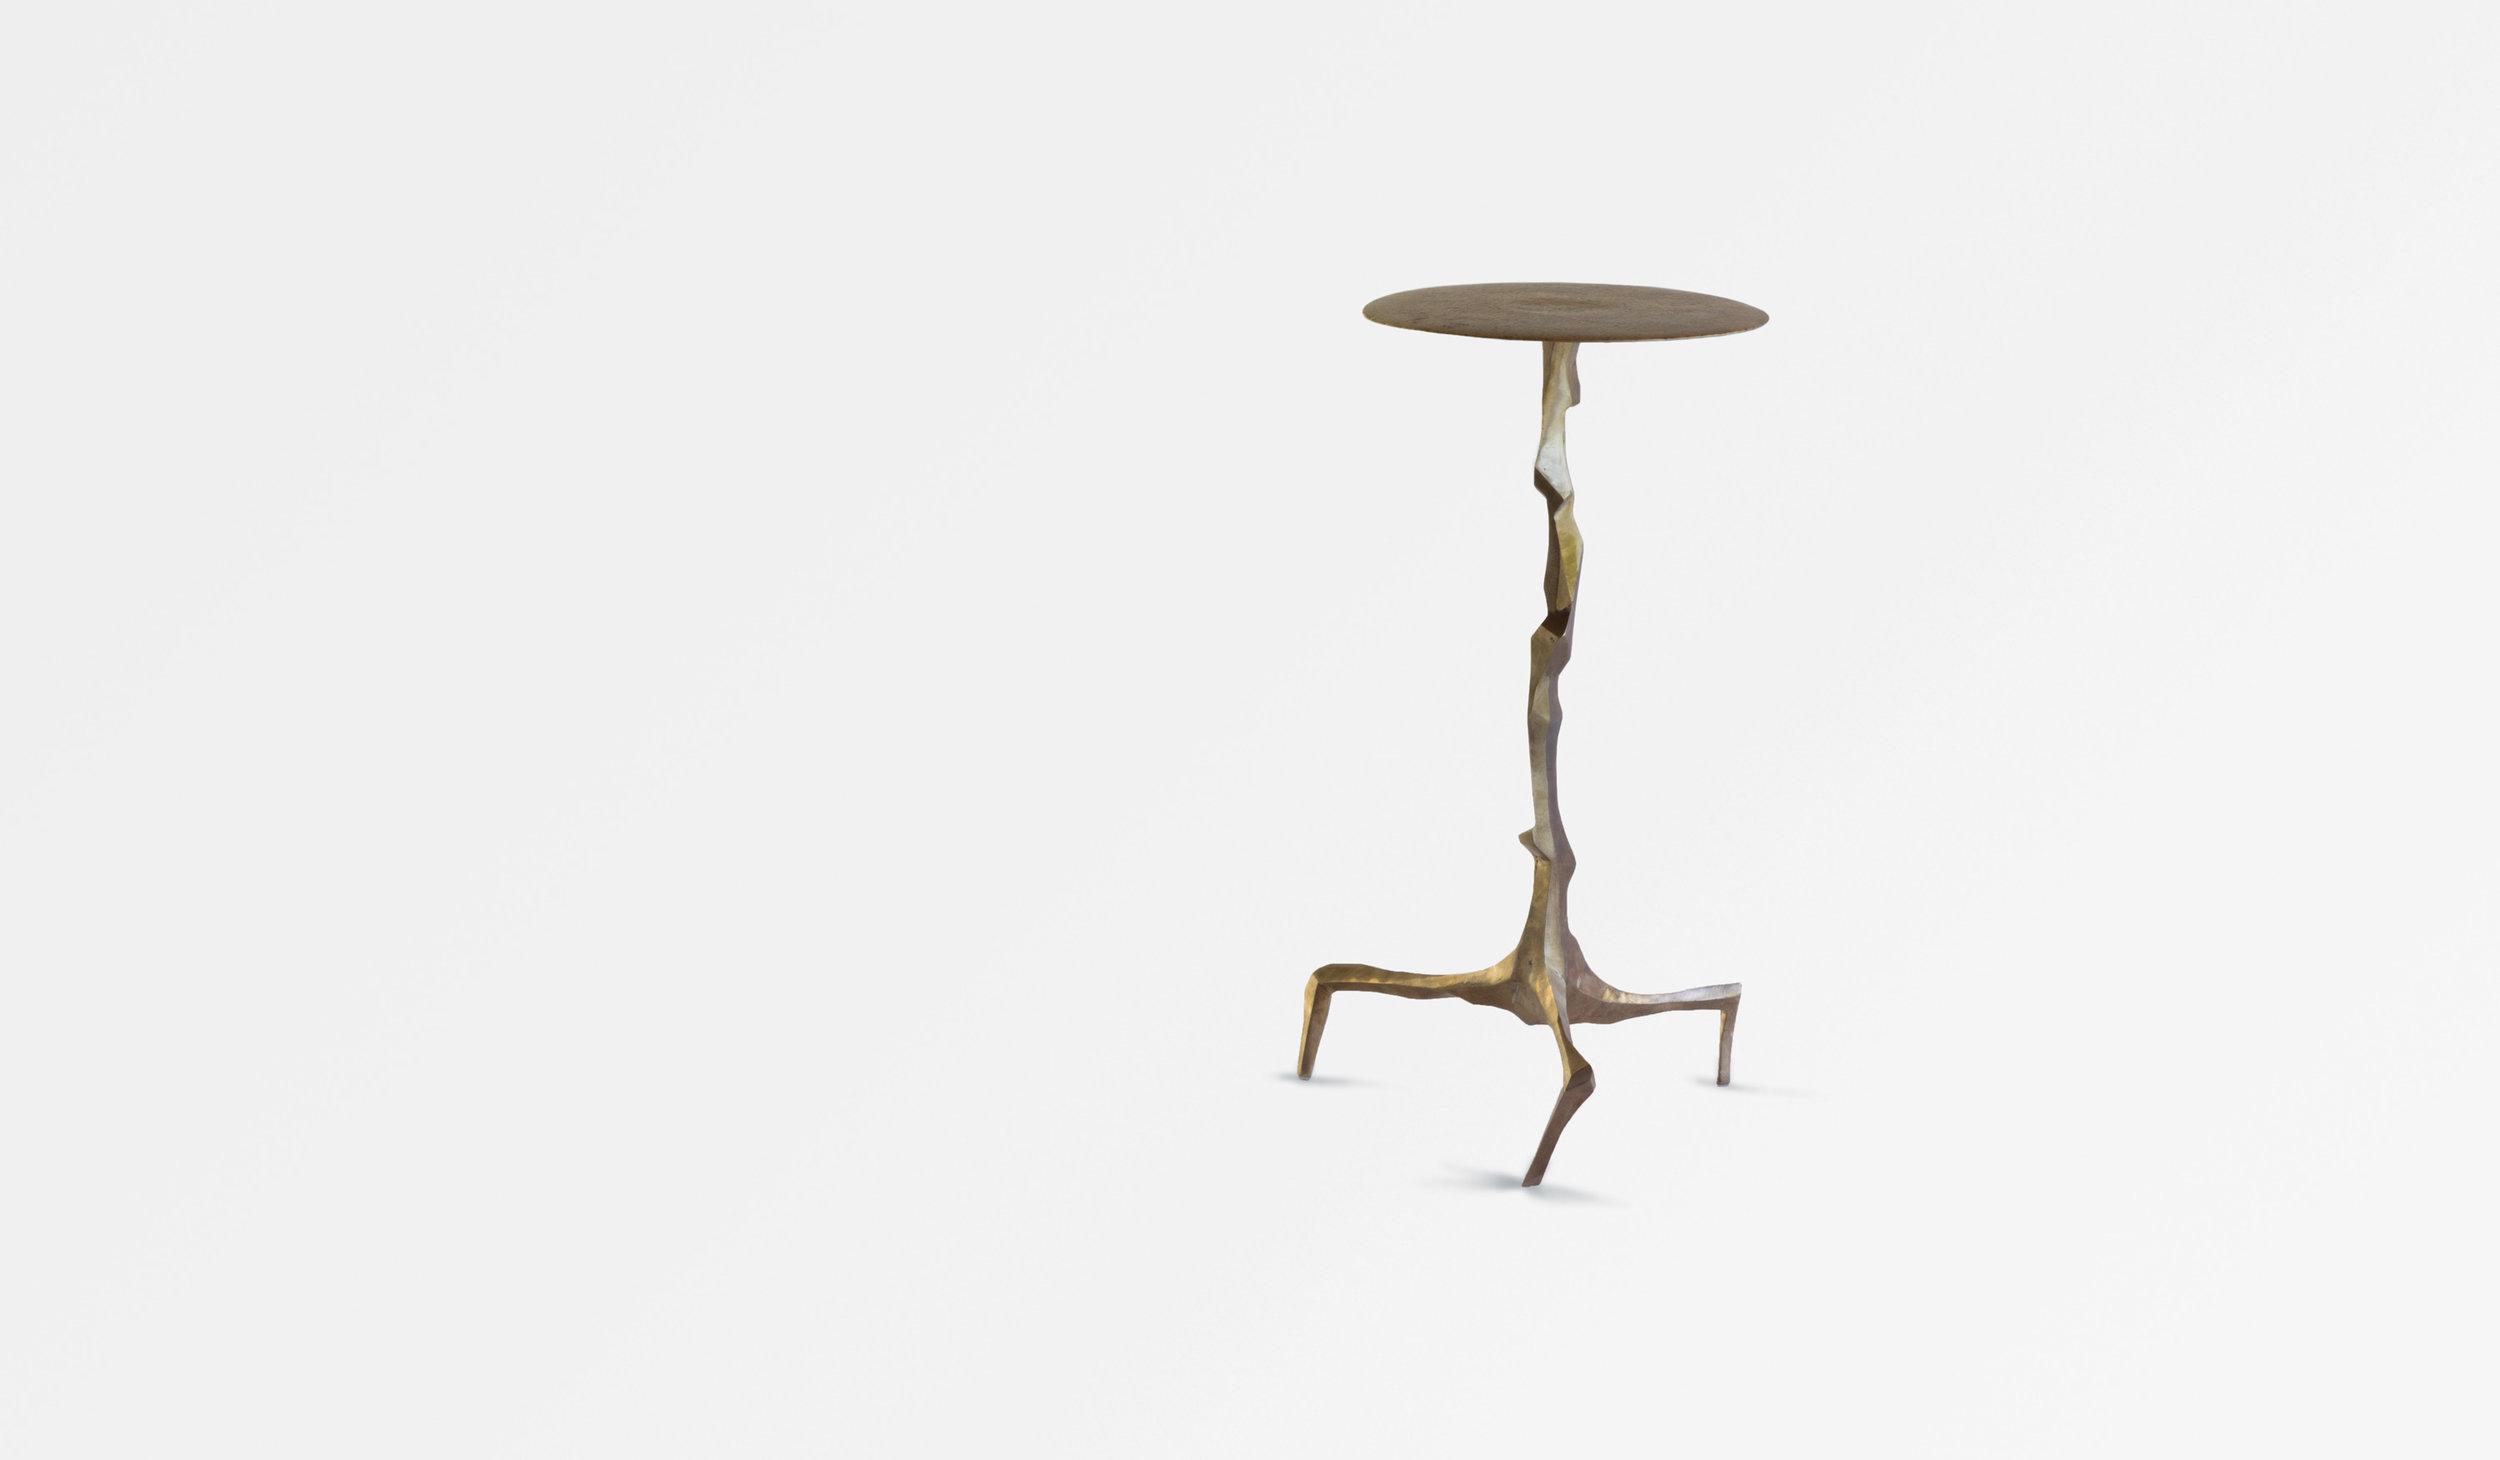 Home-JAK-Creature-Tables-retouch-041-071-June-2018.jpg